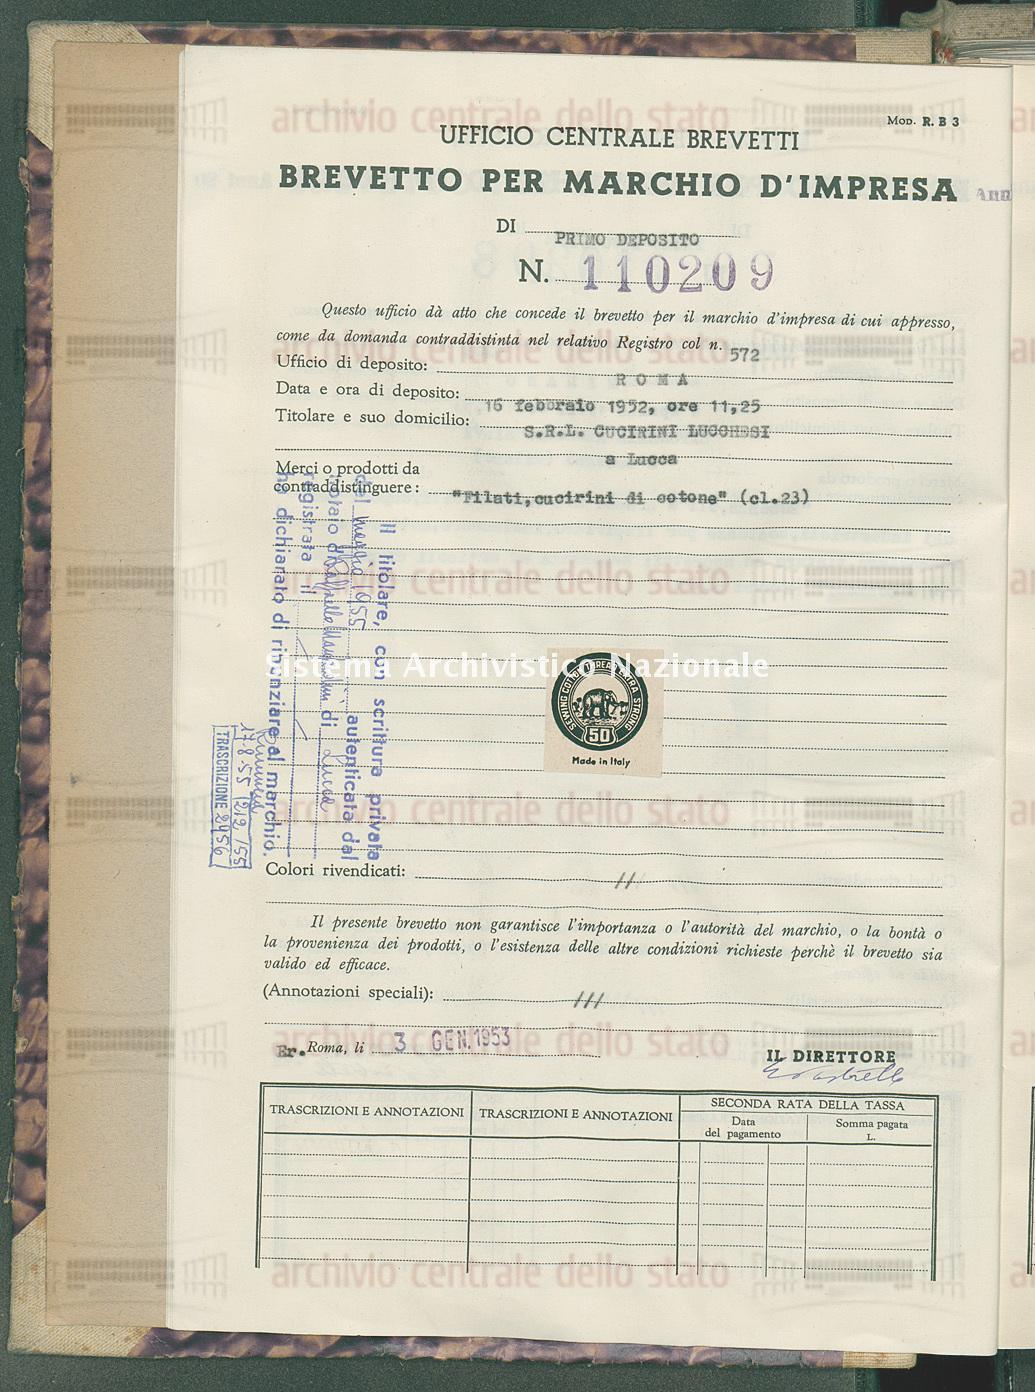 'Filati, cucirini di cotone' S.R.L. Cucirini Lucchesi (03/01/1953)